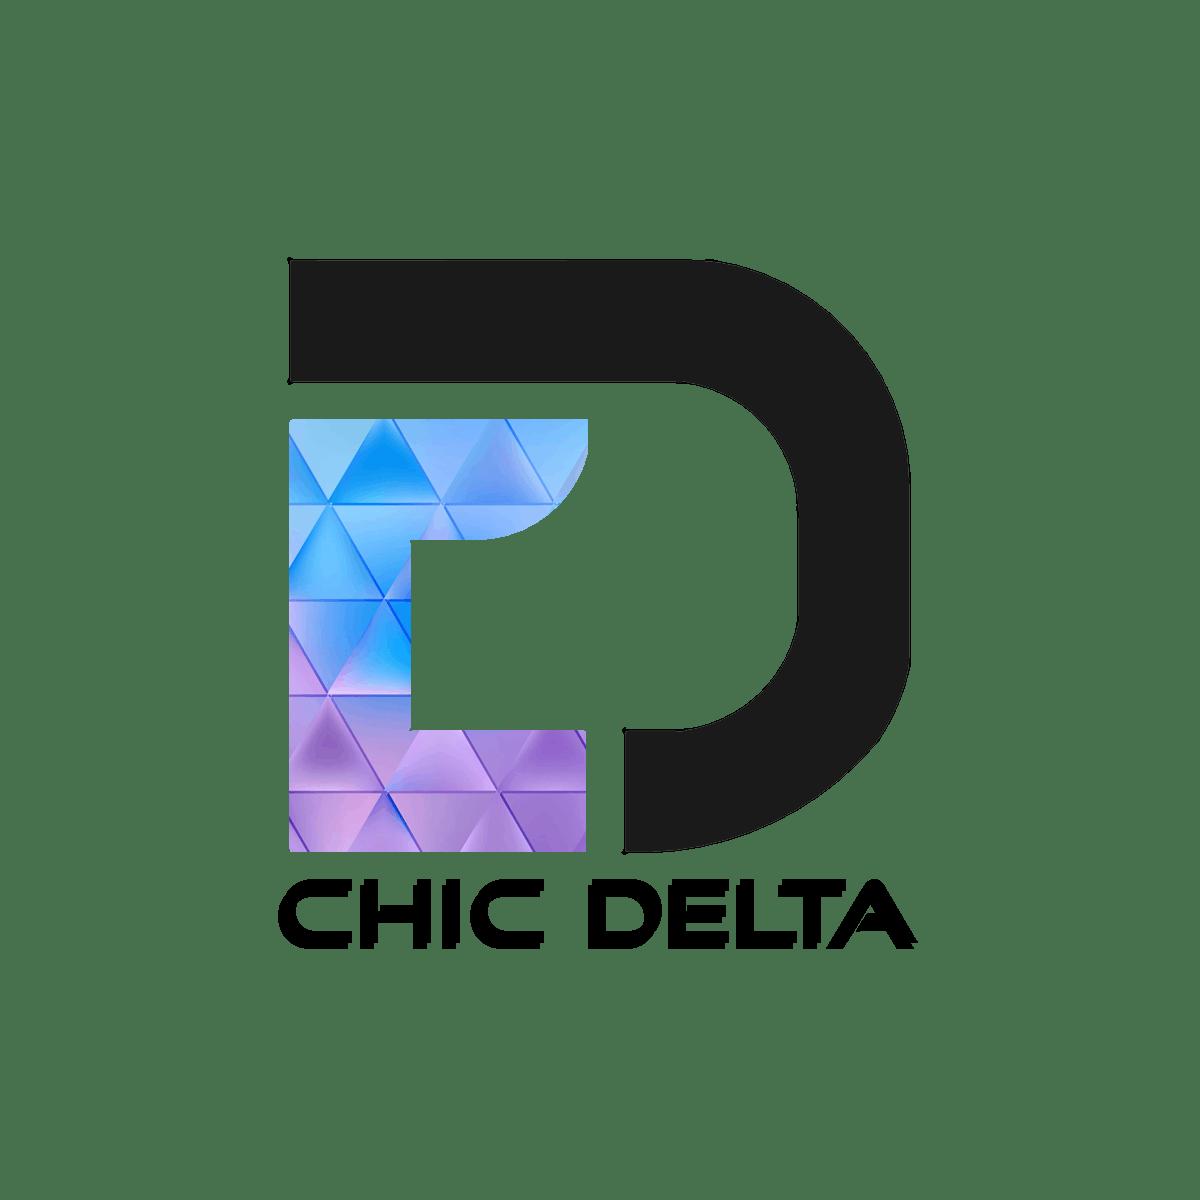 chicdelta